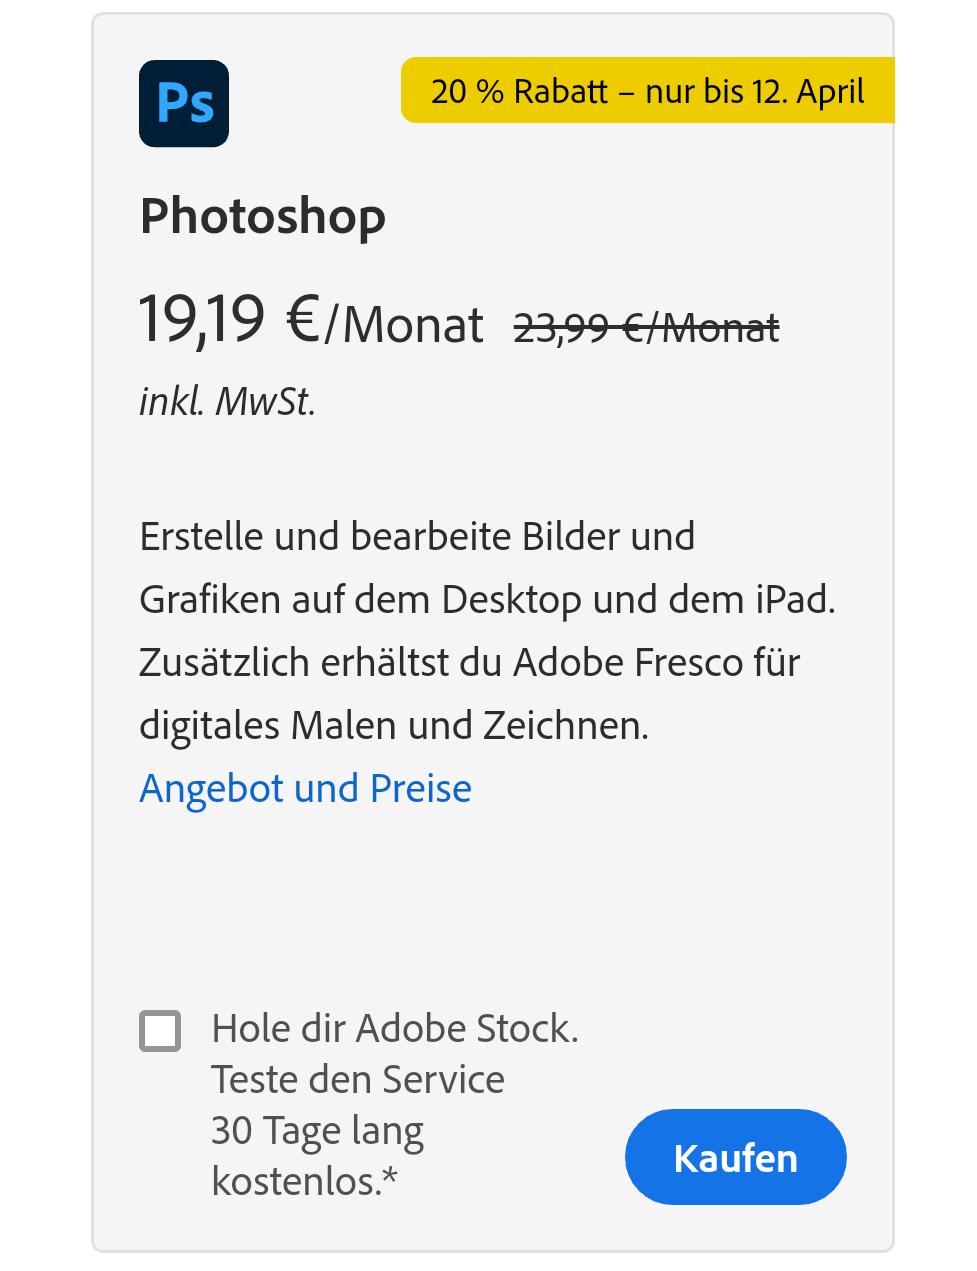 20% Rabatt auf einzelne Adobe-Tools wie Premiere Pro und Photoshop